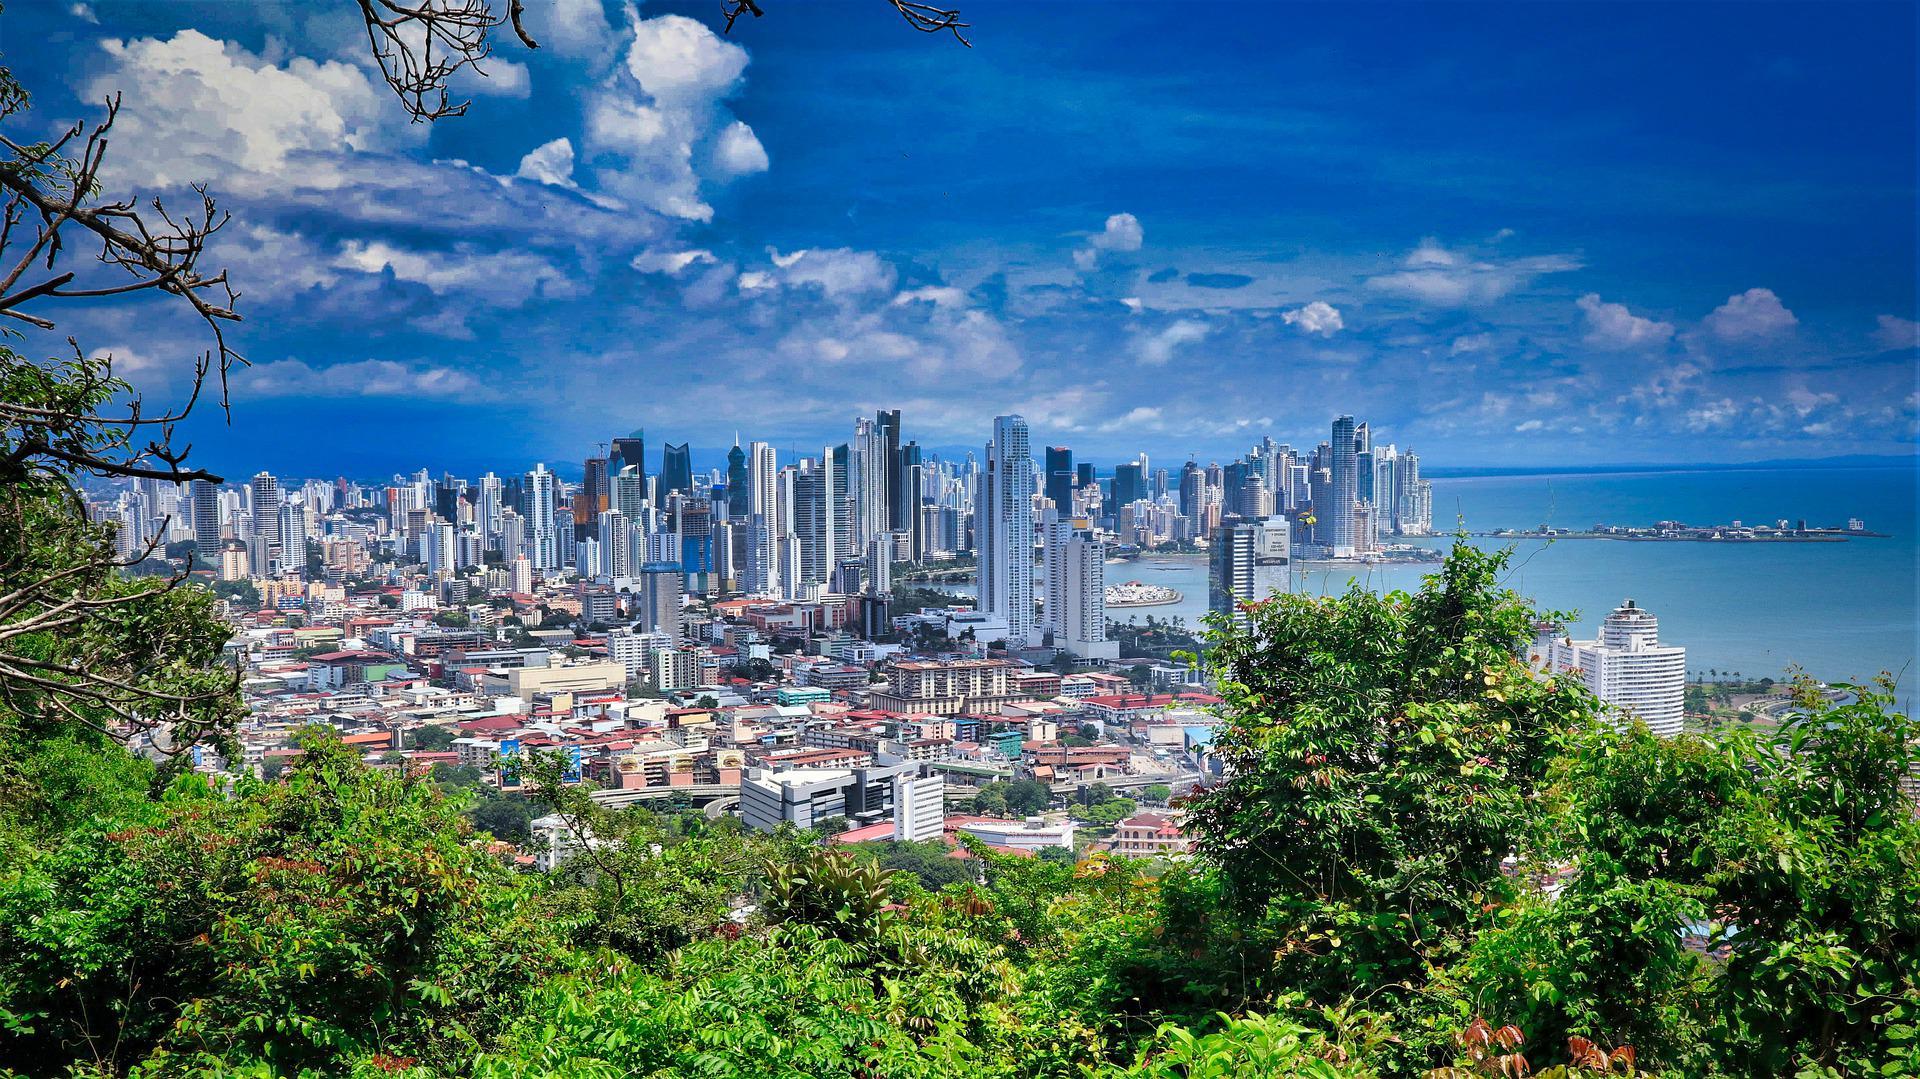 Панама вводит специальный режим для производственных сервисных компаний